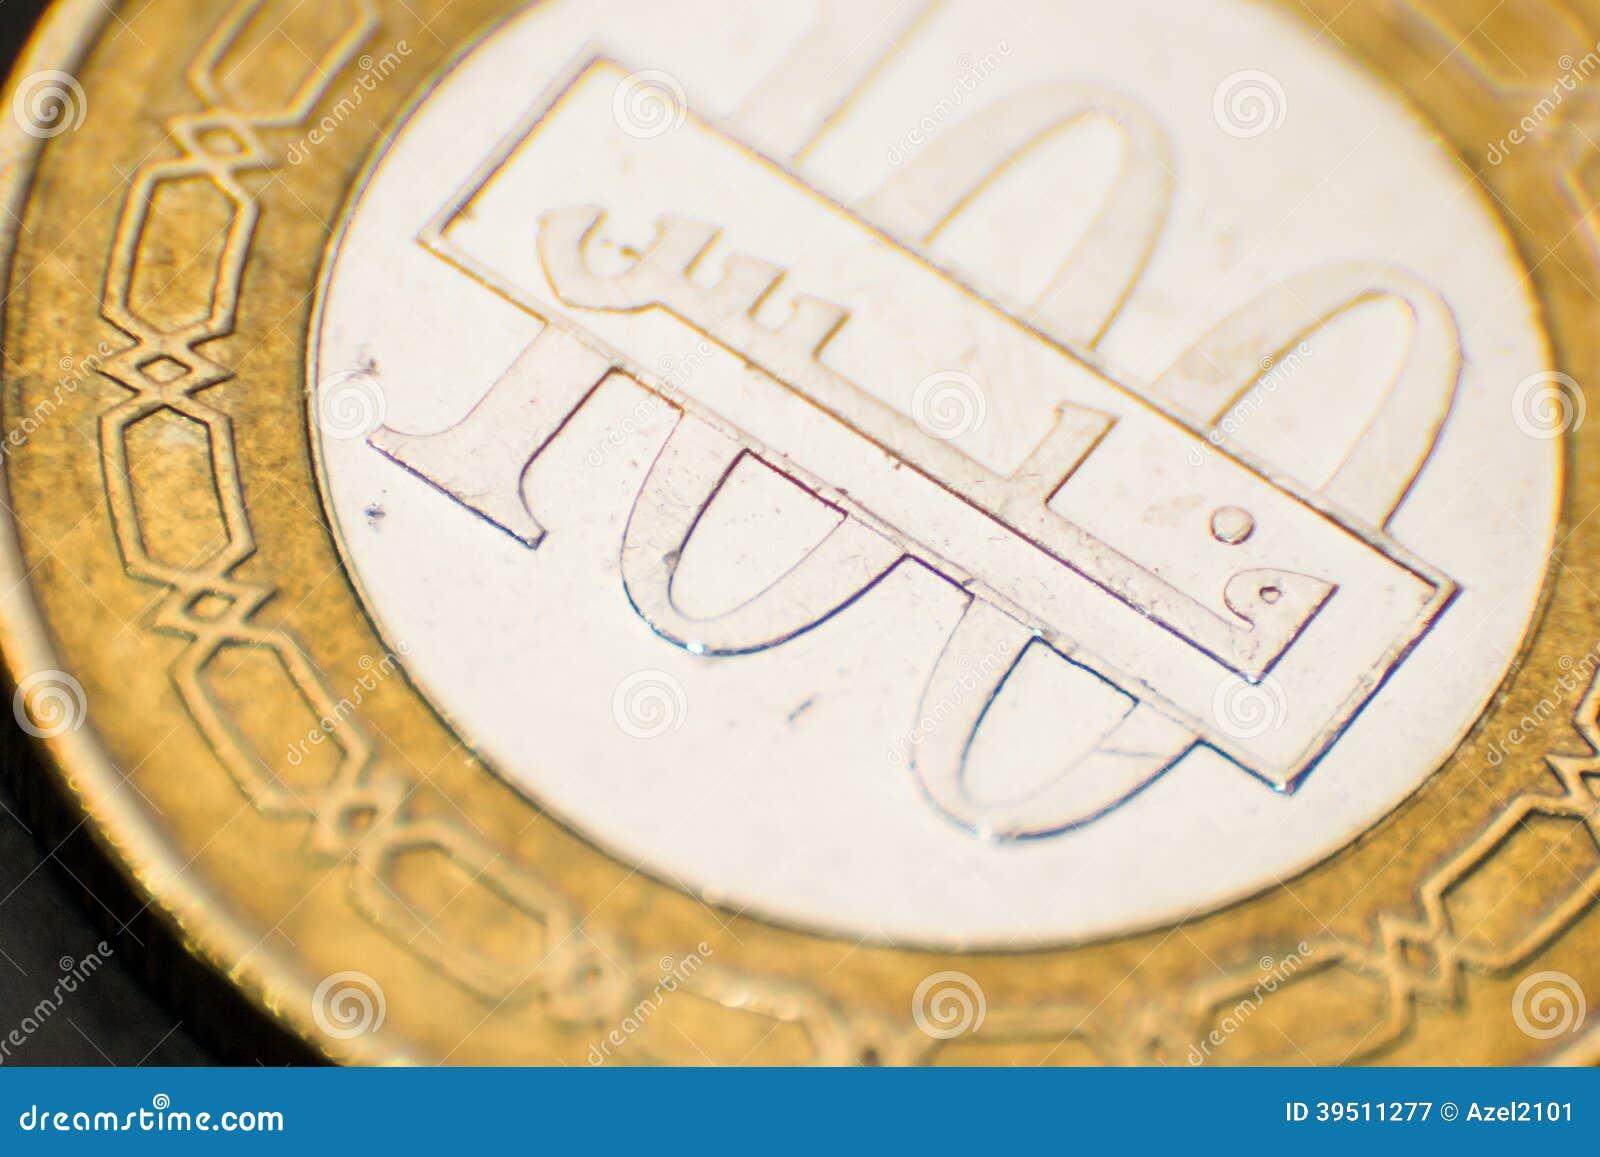 Bahrain macro shot of a bahrain 100 fils coin